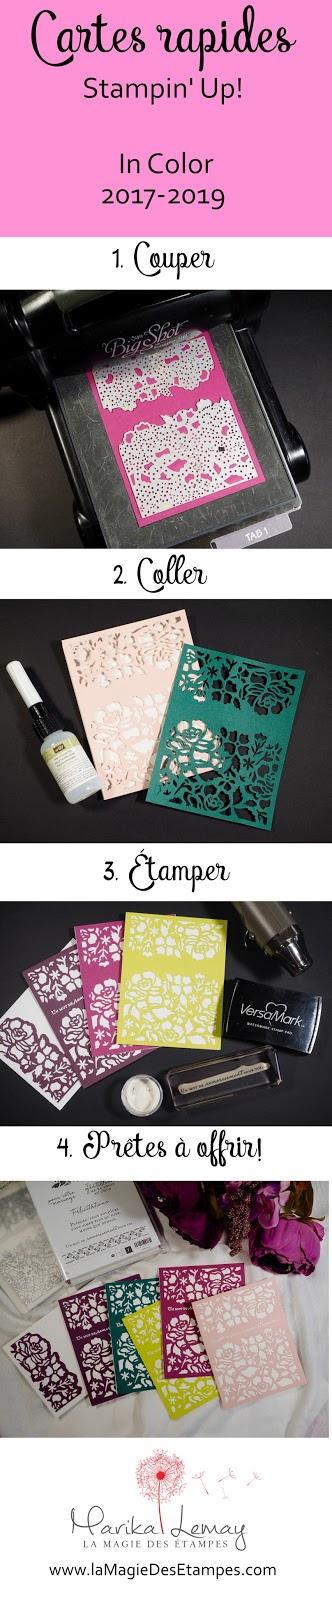 ensemble de cartes avec les thinlits Fleurs ouvragées / détail floral Stampin' Up!